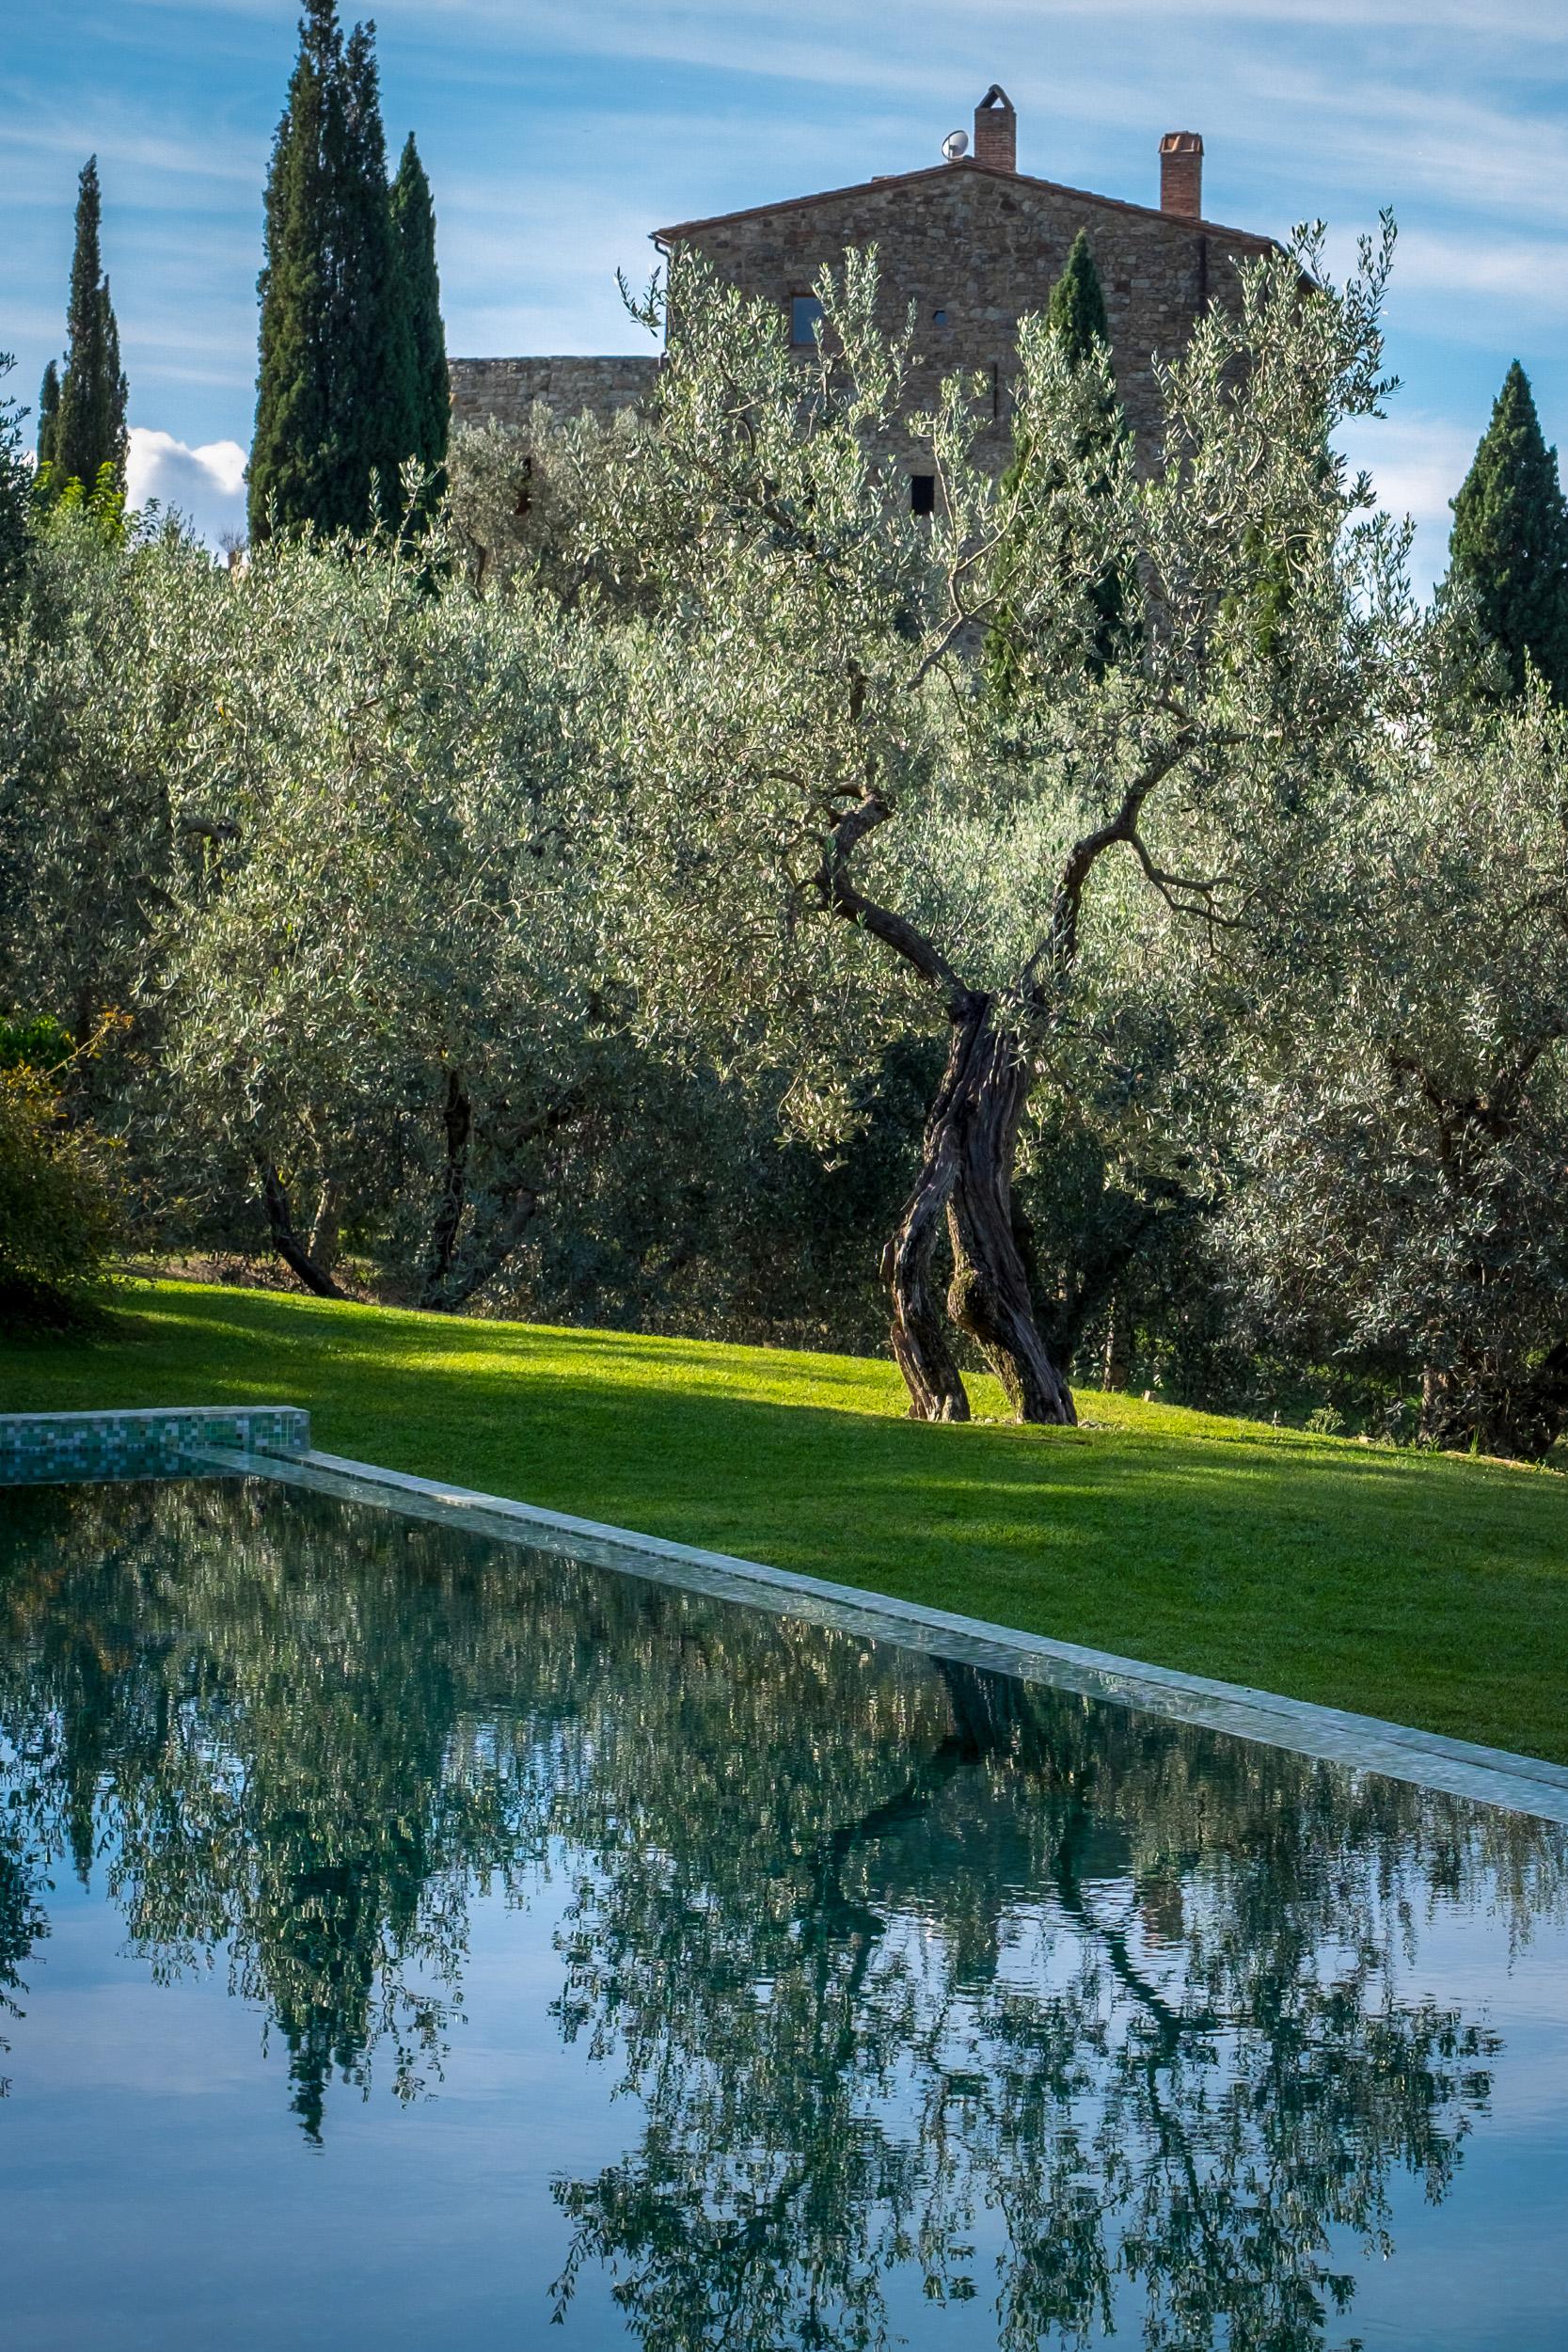 Hotel Photography at Borgo Pignano, Italy